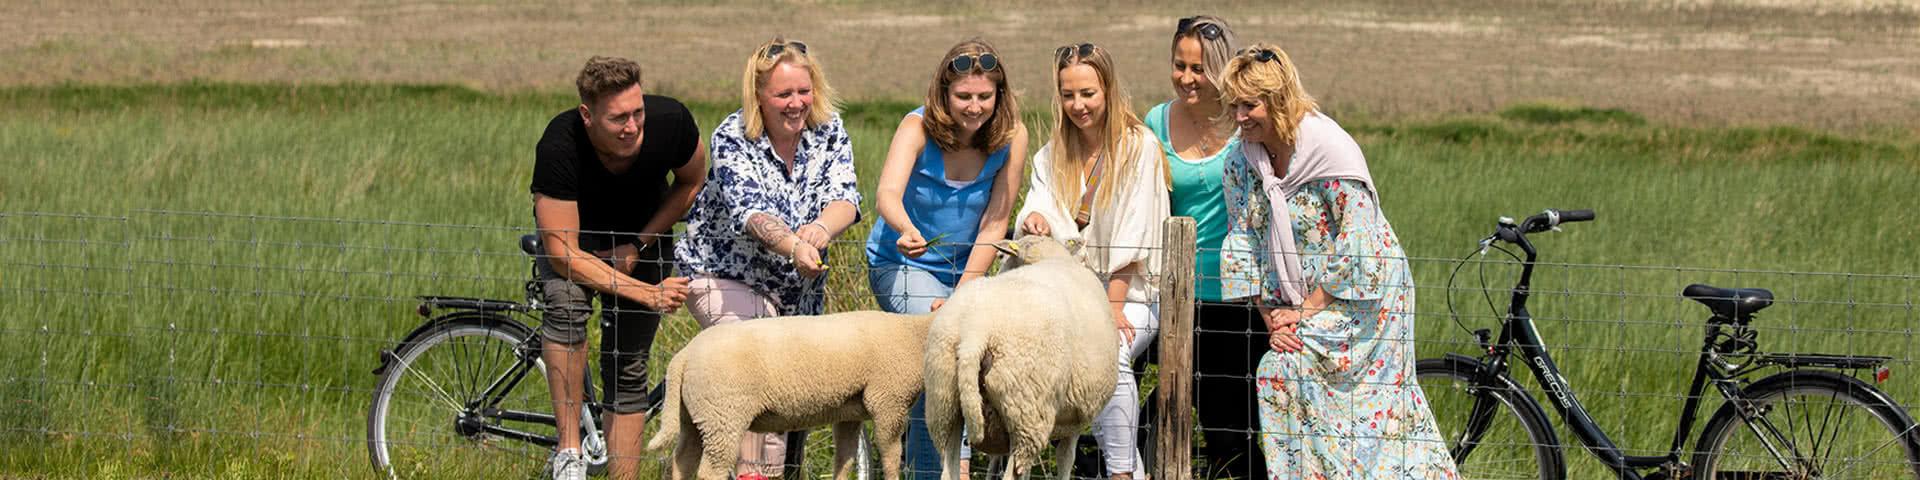 Eine Gruppe von 6 Personen steht am Deich un d füttert zwei Schafe